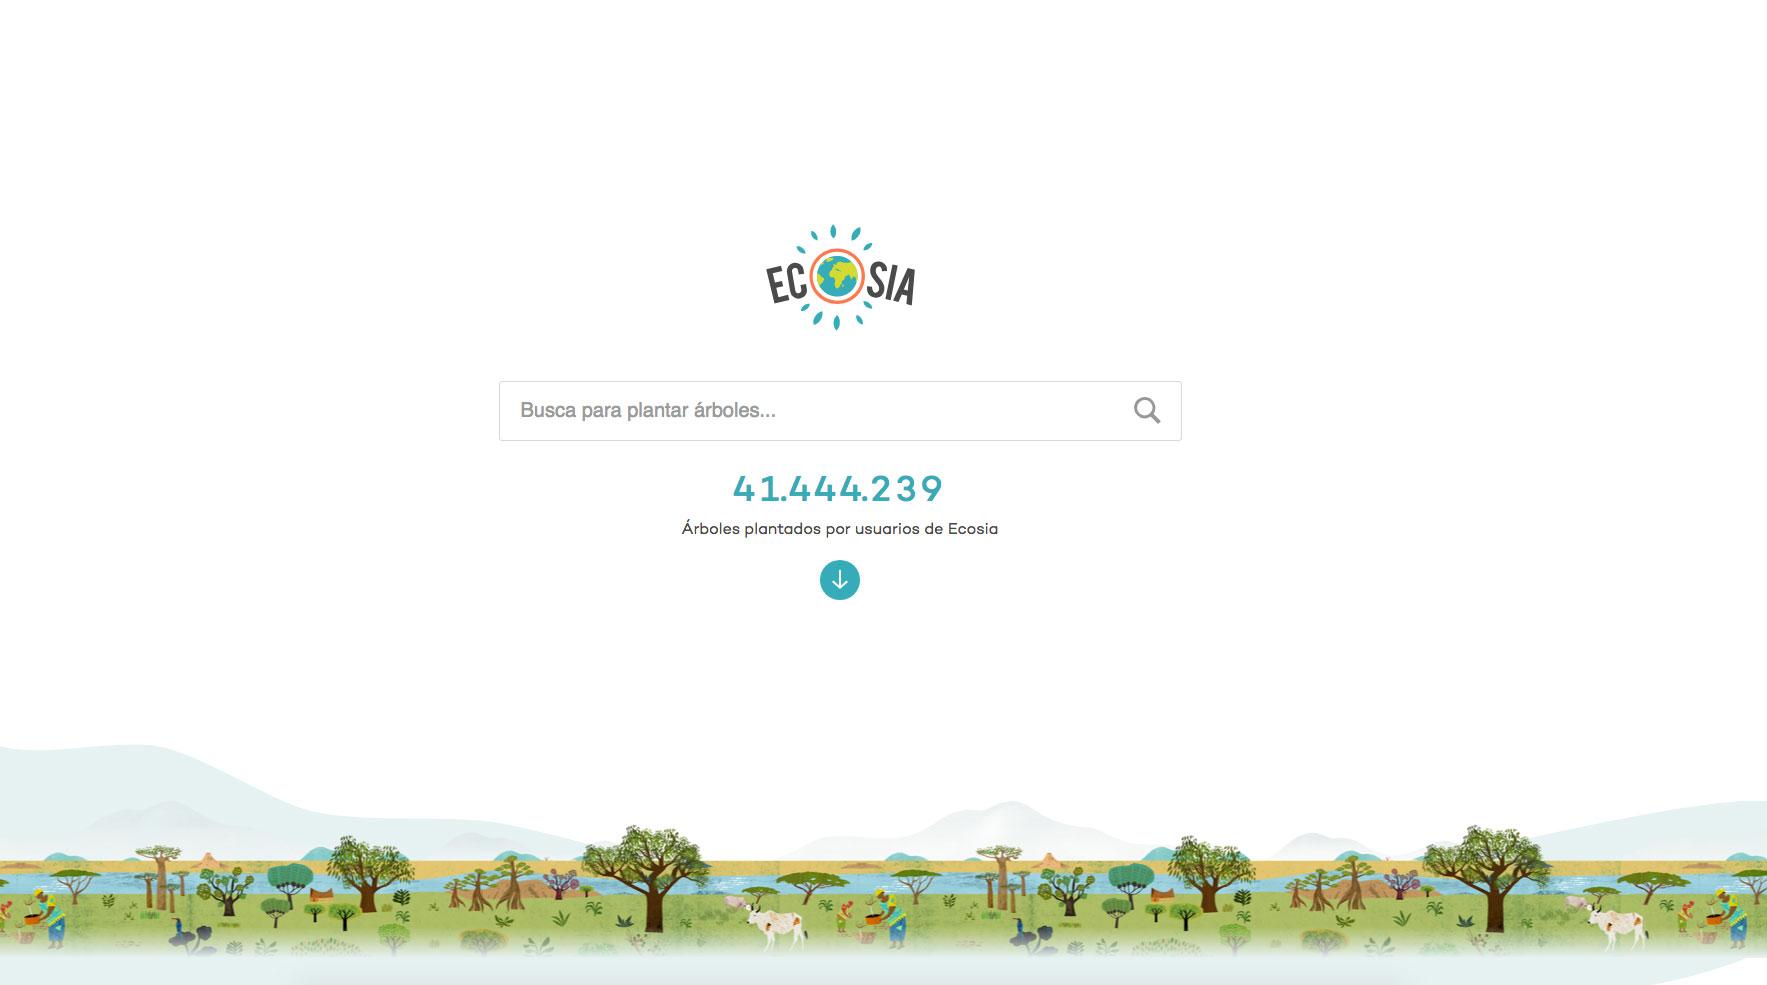 Ecosia buscador planta arboles entrevista cadena ser el mundo ecologico